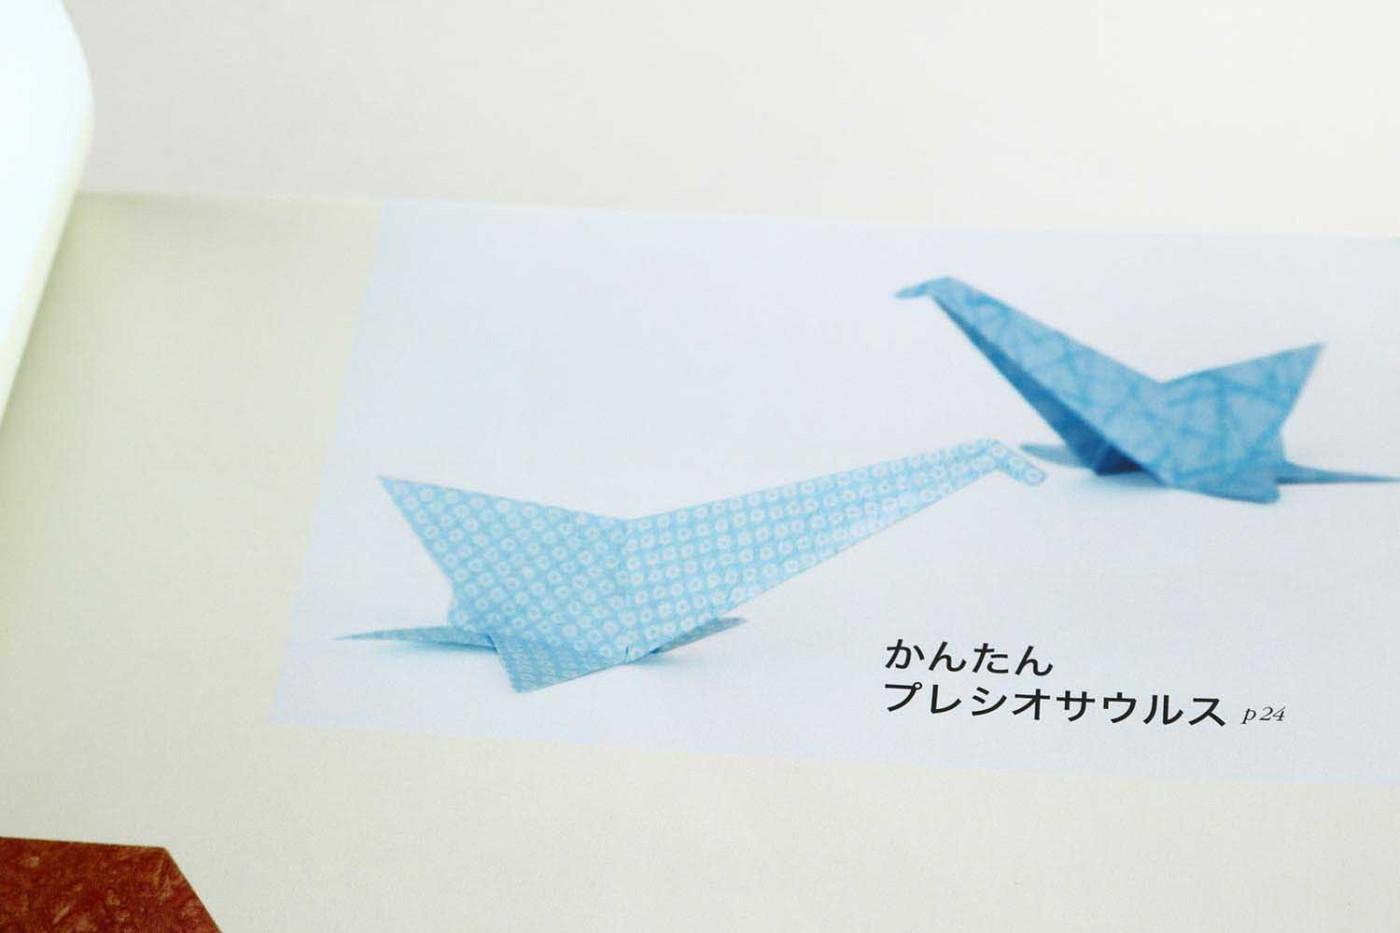 Origami Dinosaurs Viereck Verlag Origamiorigami Diagramsorigami